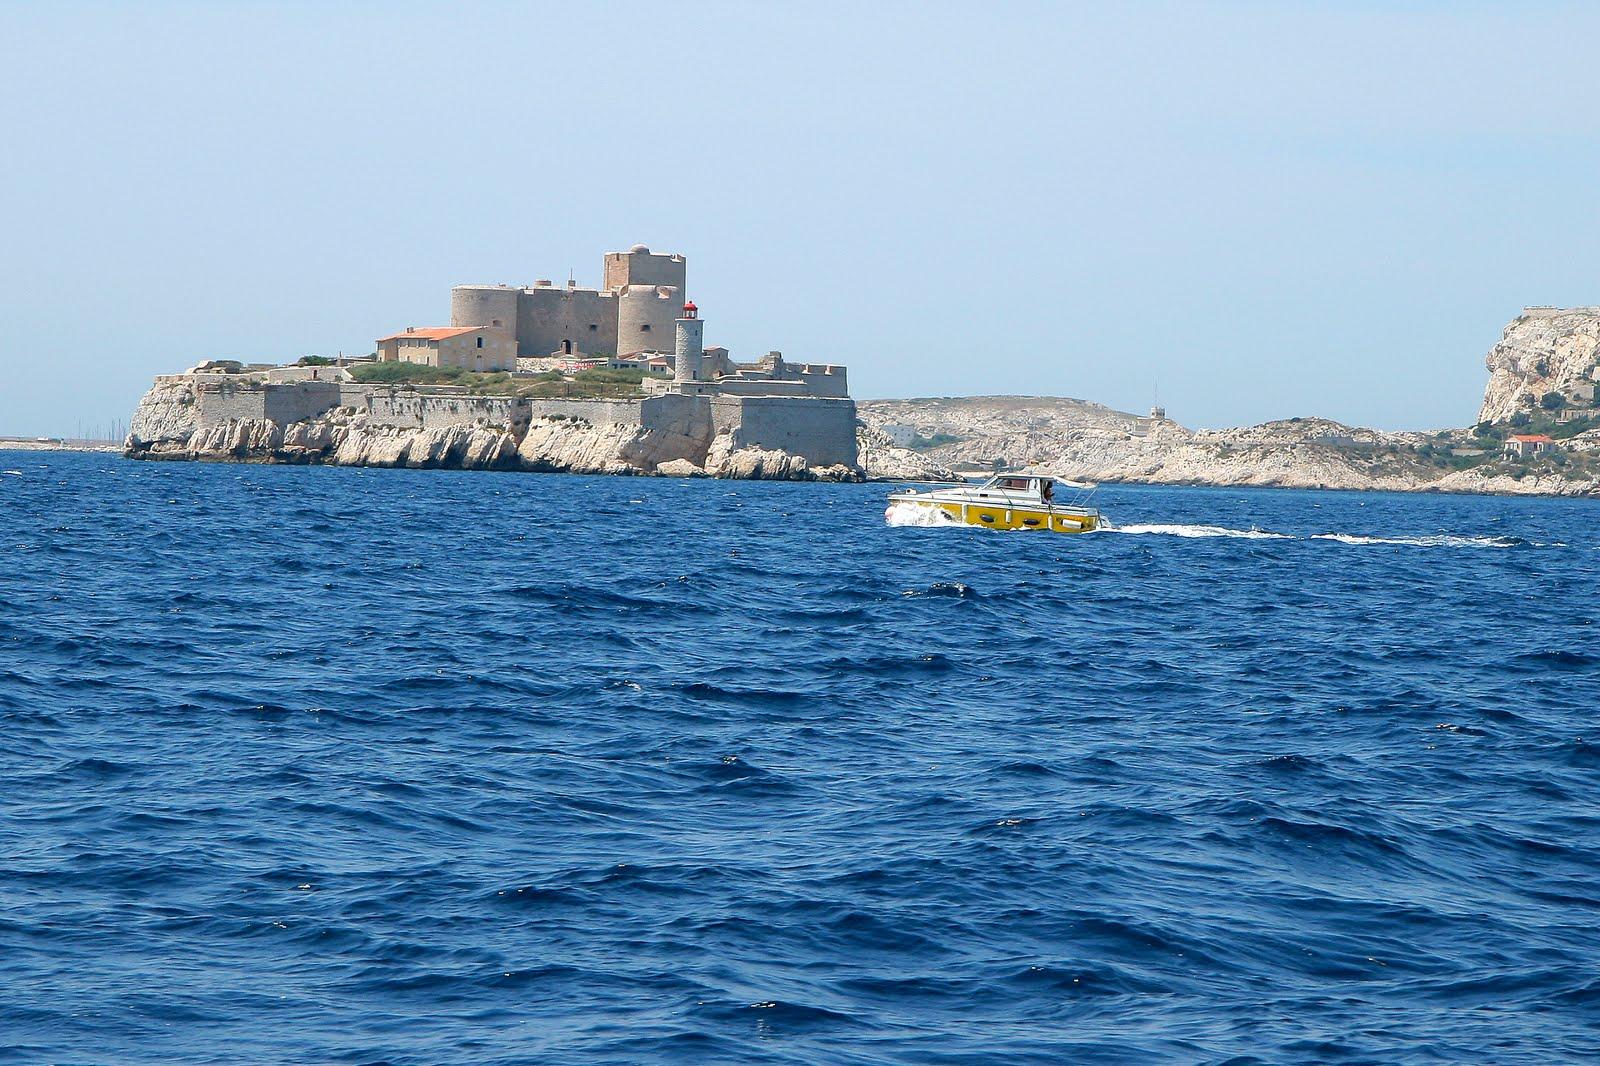 Замок Иф расположен в миле от Марселя в Средиземном море. Средневековые замки. Замки Франции. фото